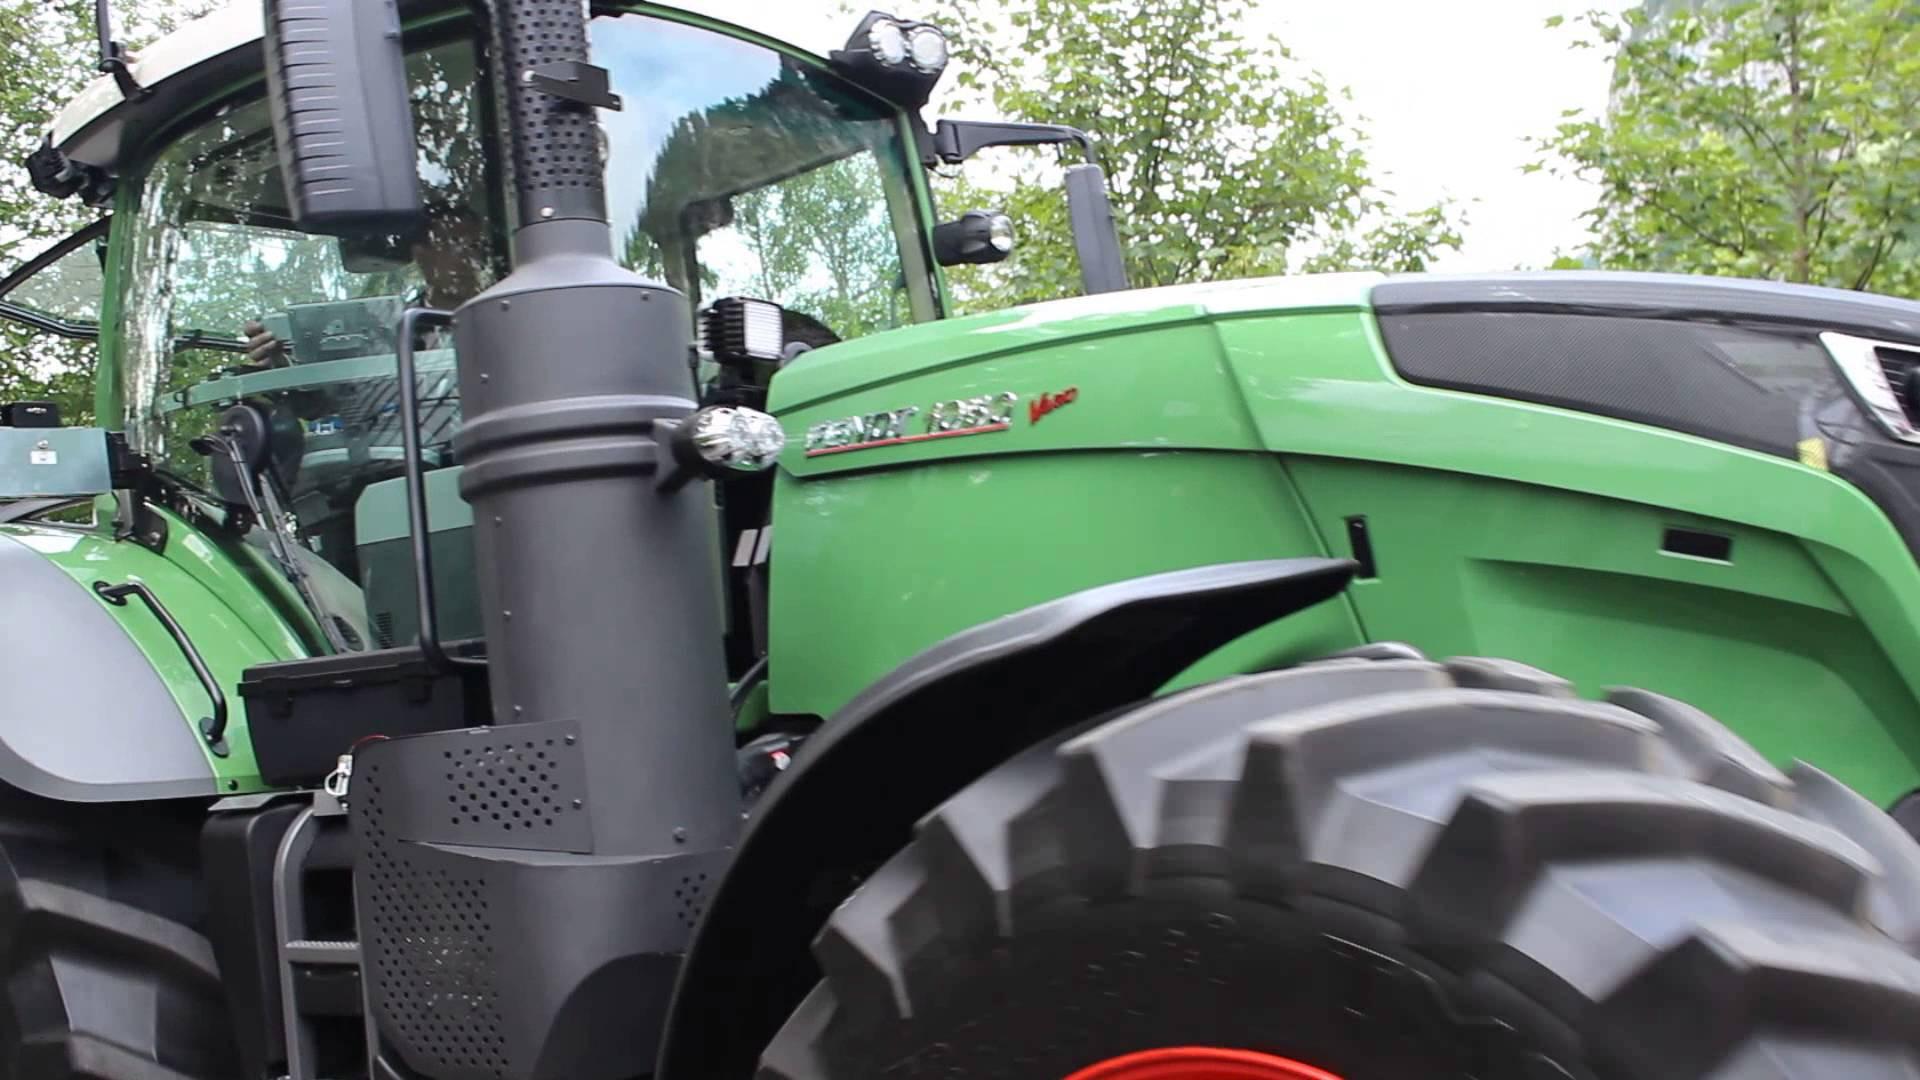 Ausmalbilder John Deere Das Beste Von Fendt 1050 Vario Genial Ausmalbilder Traktor John Deere Das Bild